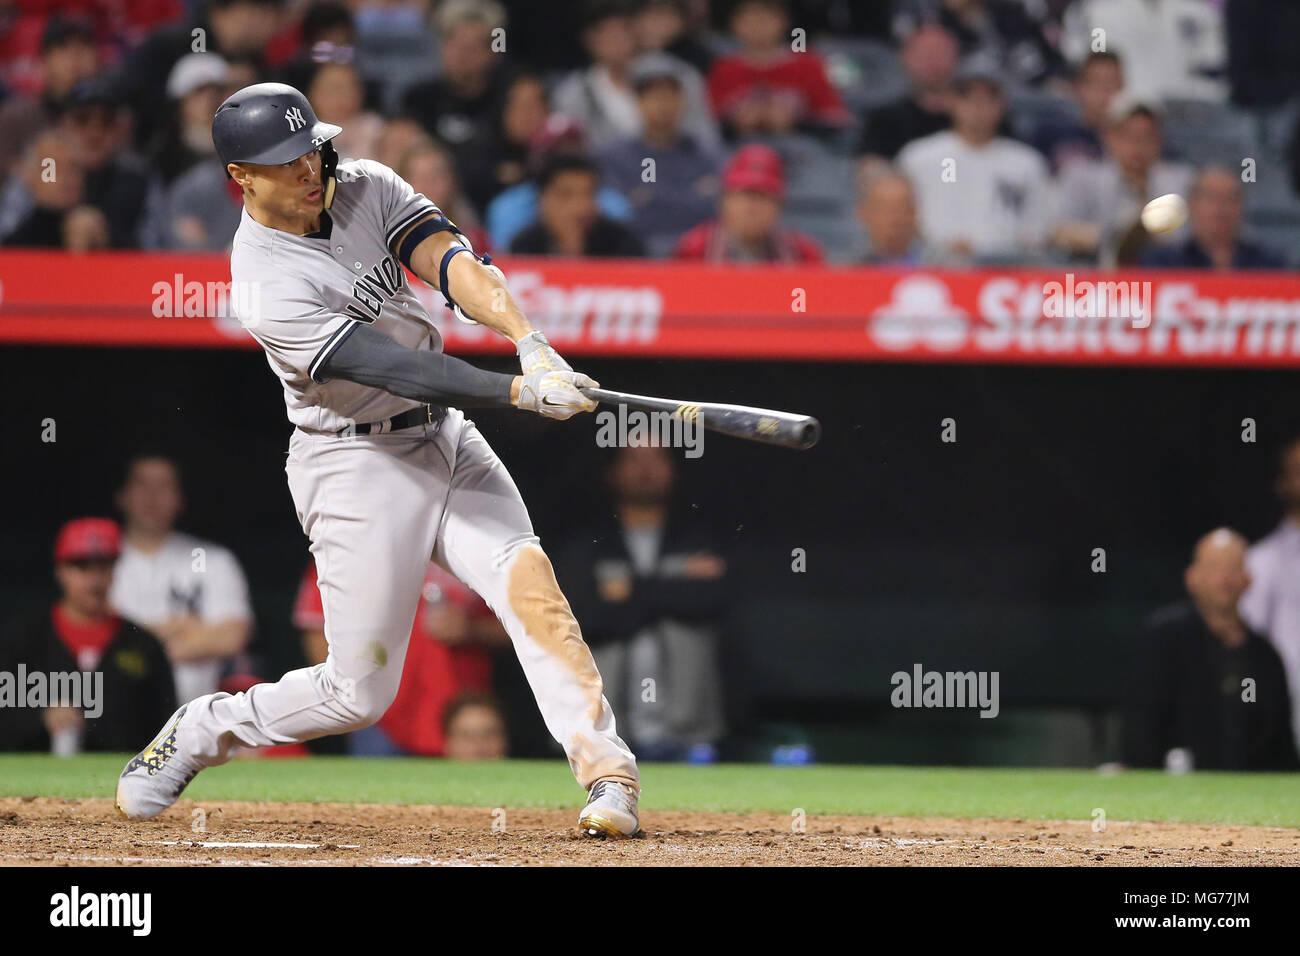 Aprile 27, 2018: New York Yankees diritto fielder Giancarlo Stanton (27) ottiene un buon taglio al midollo ma non abbastanza per ottenere il homer nel gioco tra i New York Yankees e Los Angeles gli angeli di Anaheim, Angel Stadium di Anaheim, CA, fotografo: Pietro Joneleit Immagini Stock